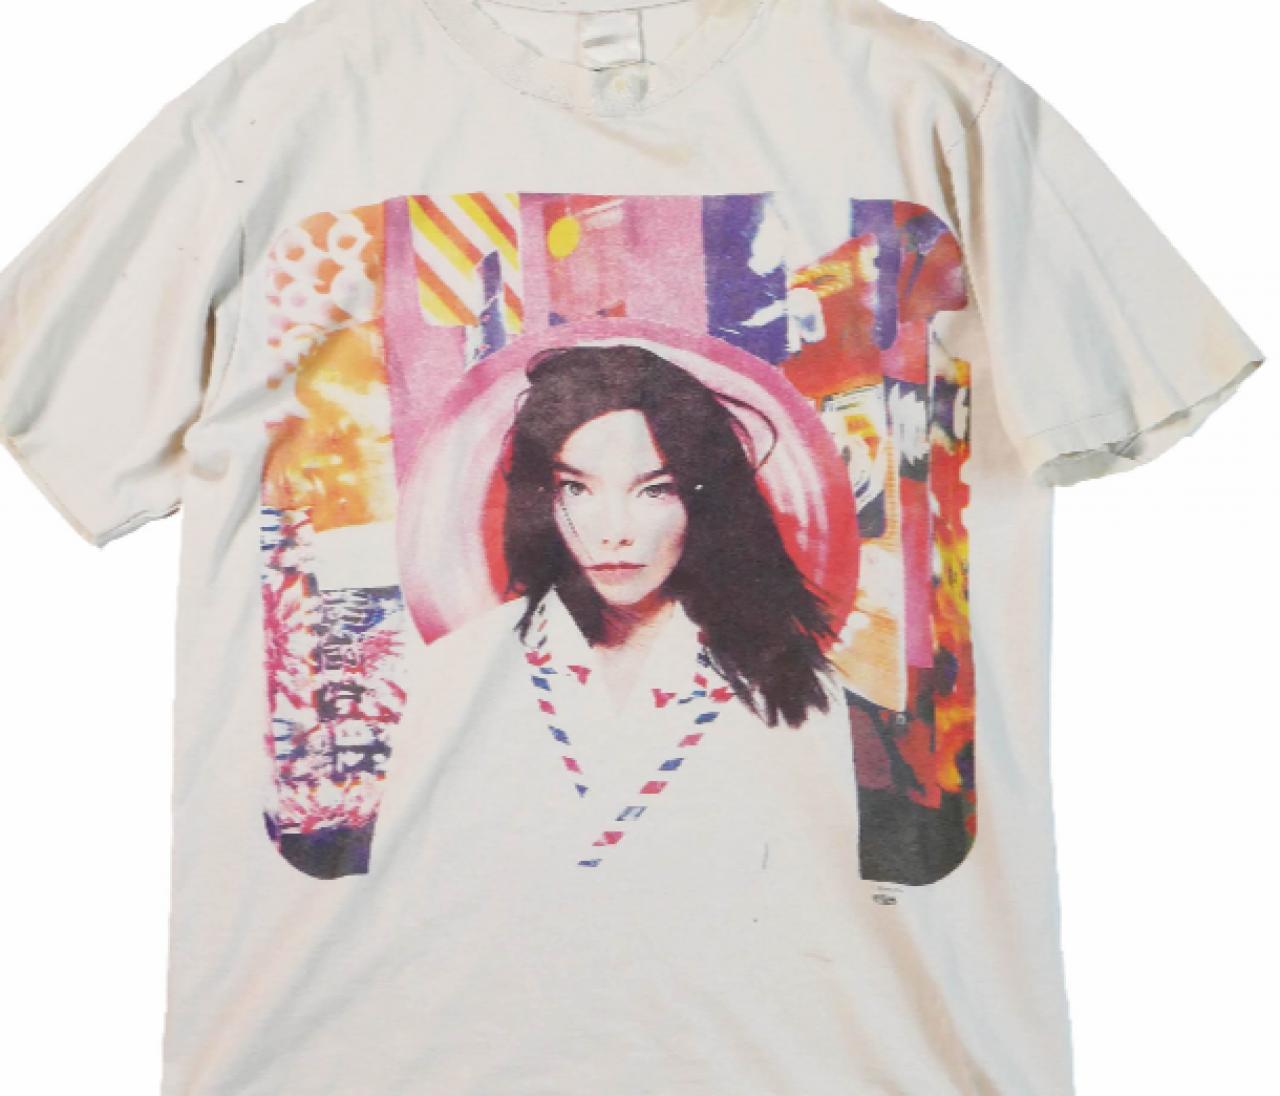 大人のためのヴィンテージTが1000点も【weber 大Tシャツ展】日比谷で開催中!